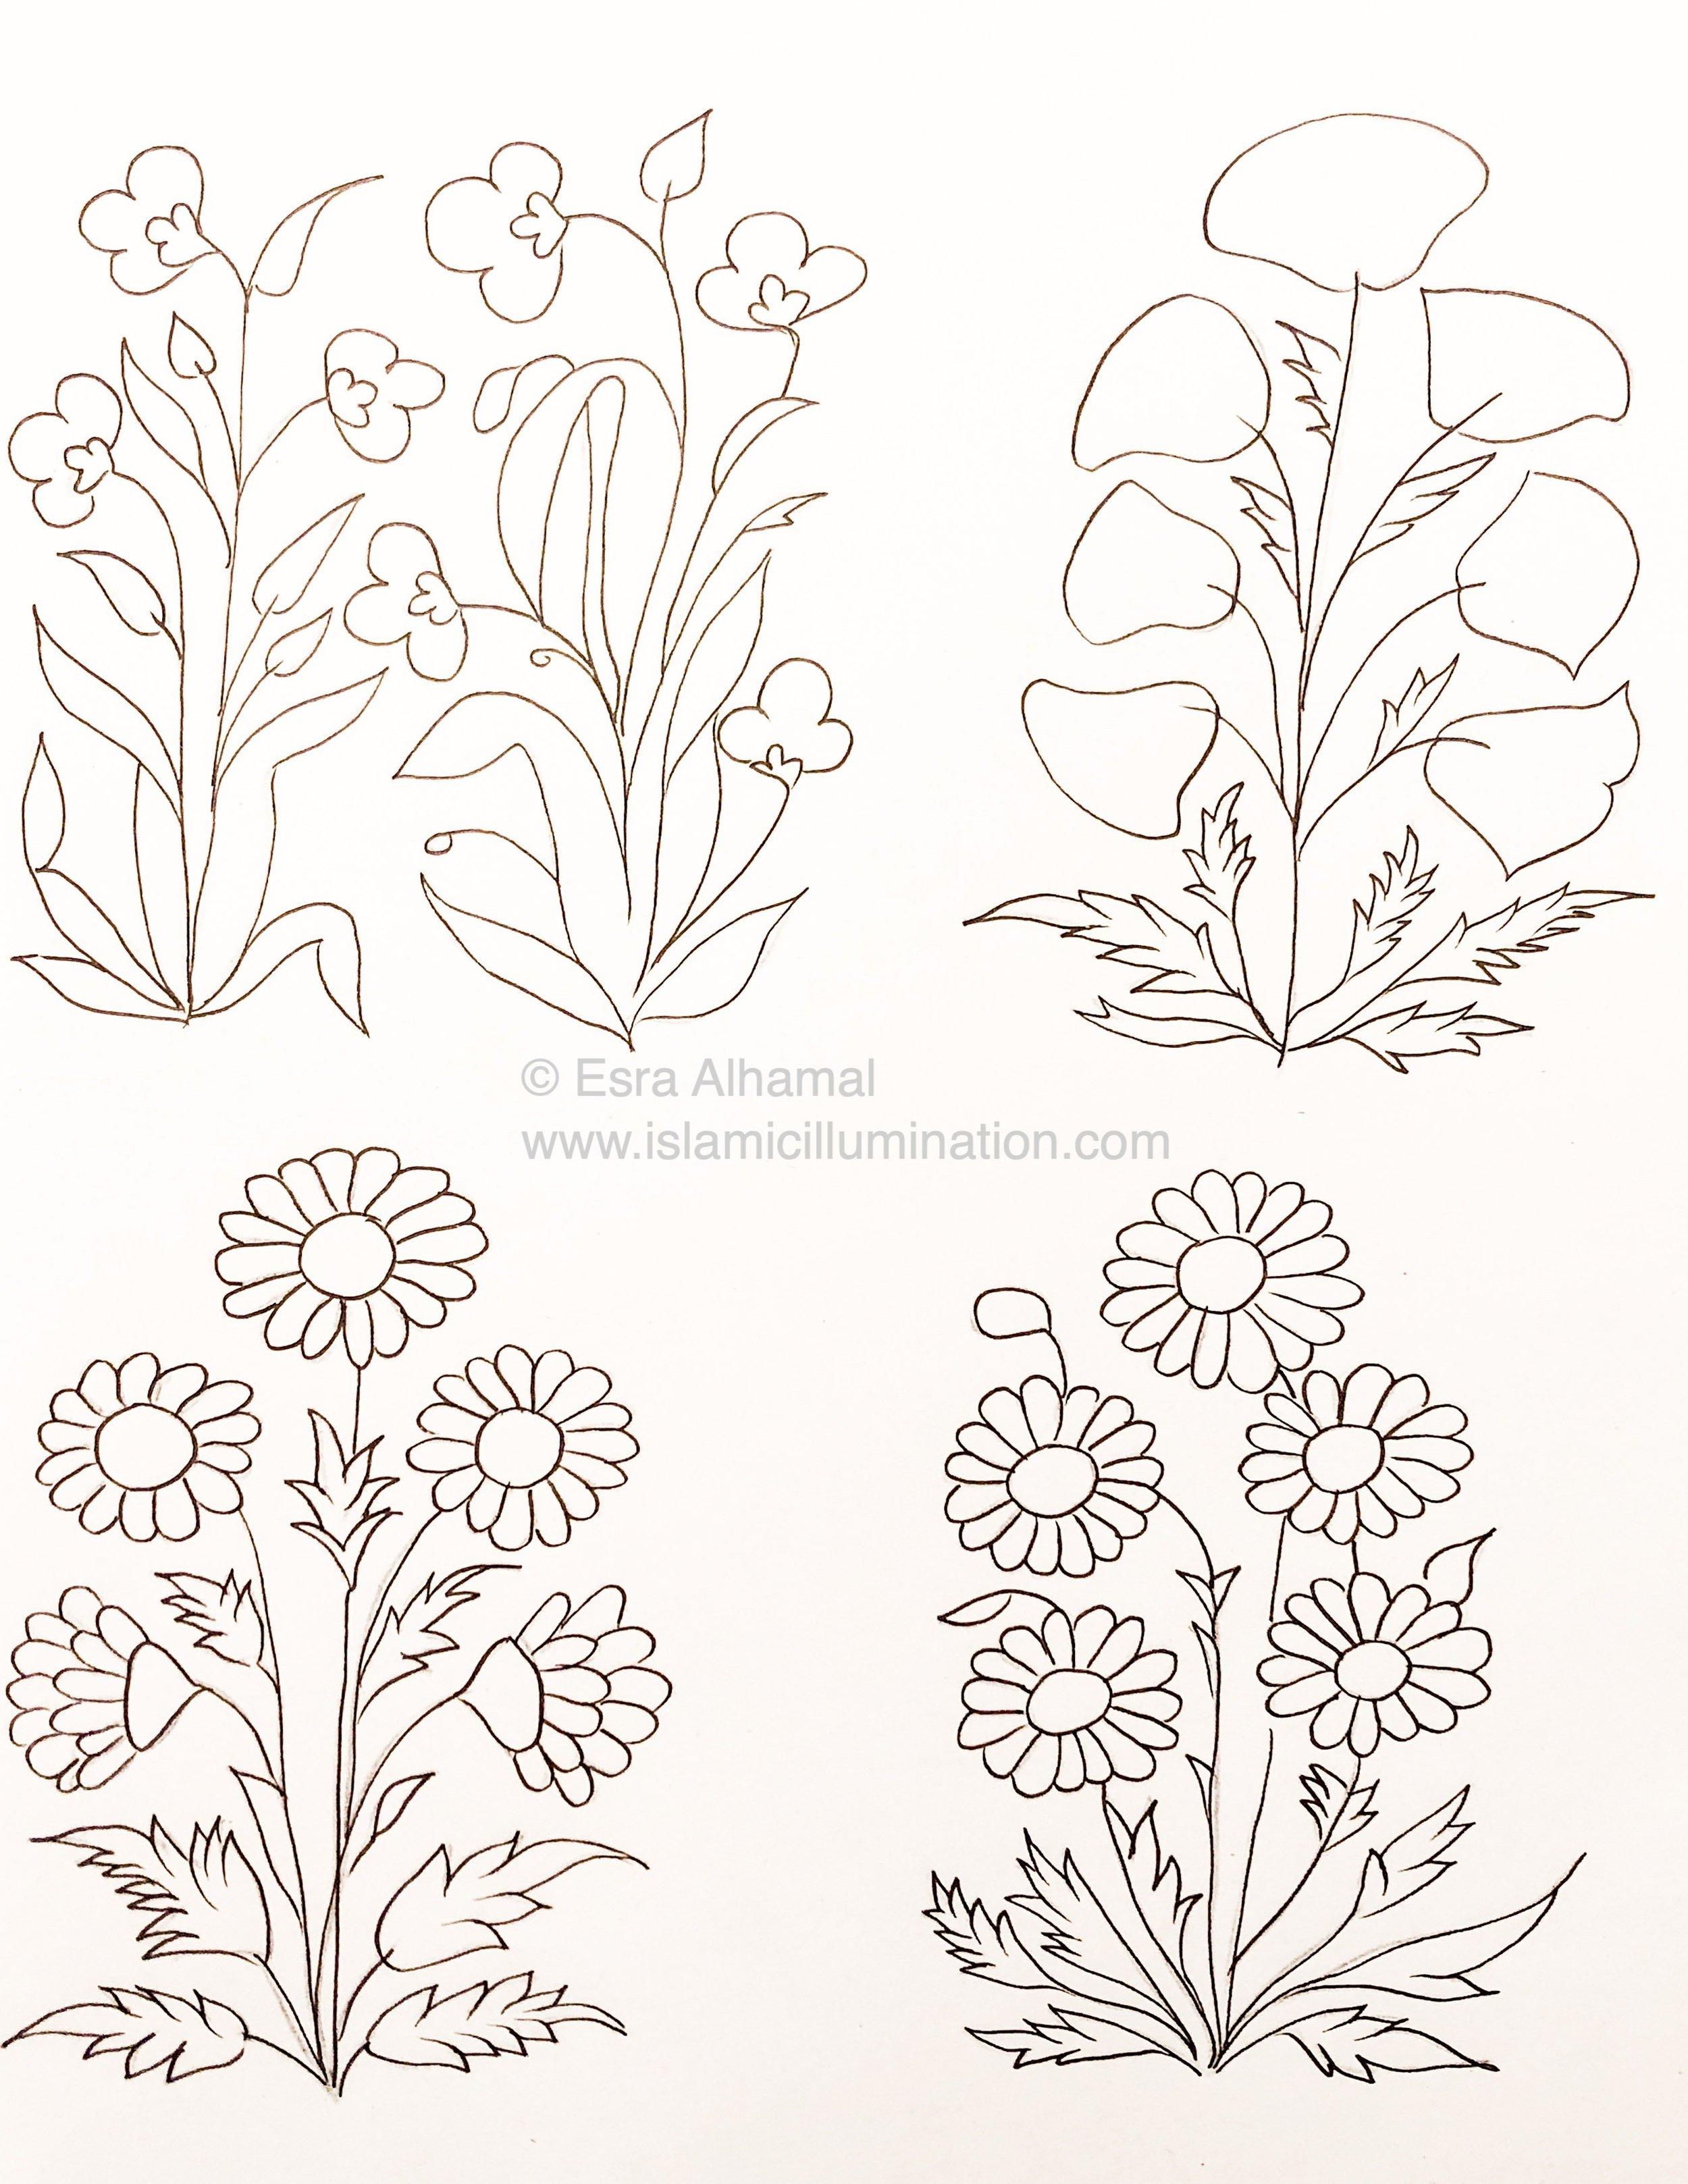 Golden Flower Challenge | start from the left 1, 2, 3, 4